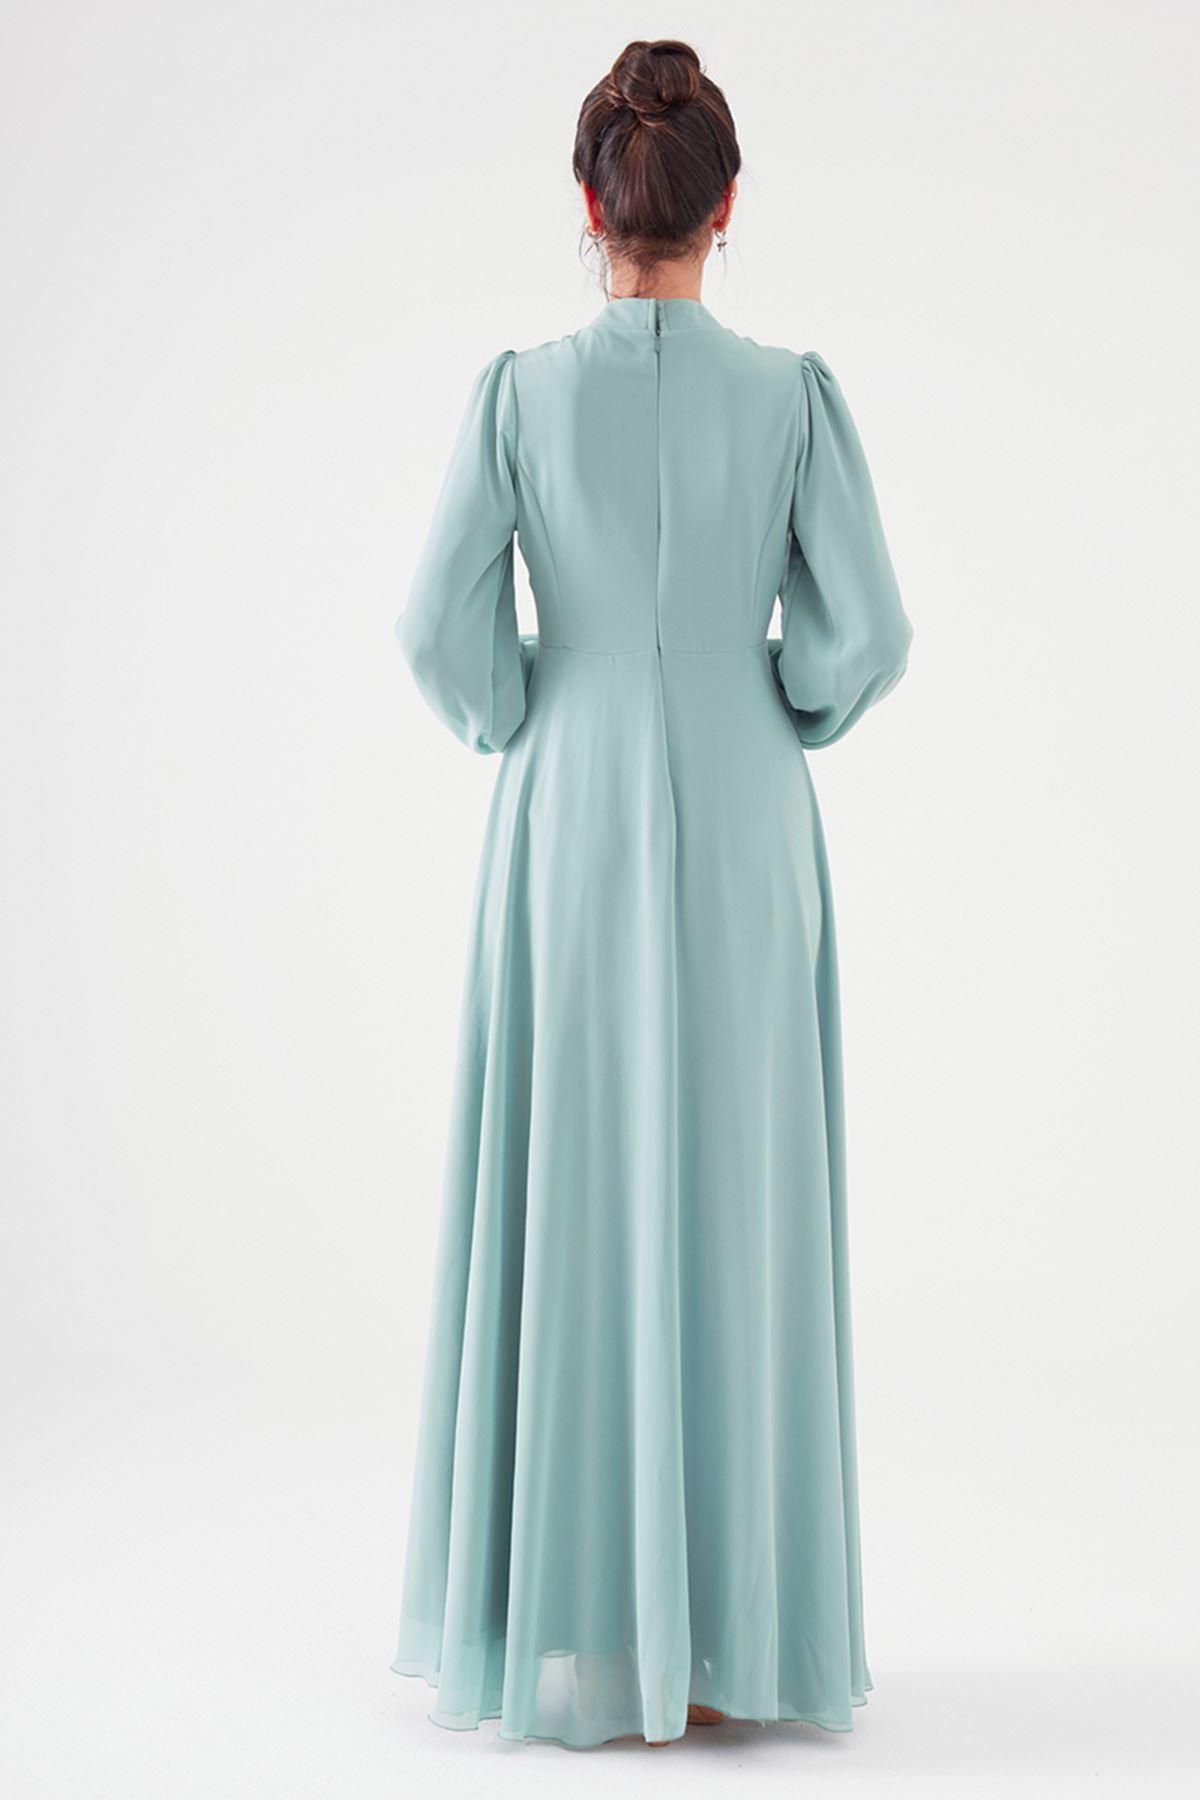 Nurgül Çakır Polina Elbise Mint Yeşili NUR7106